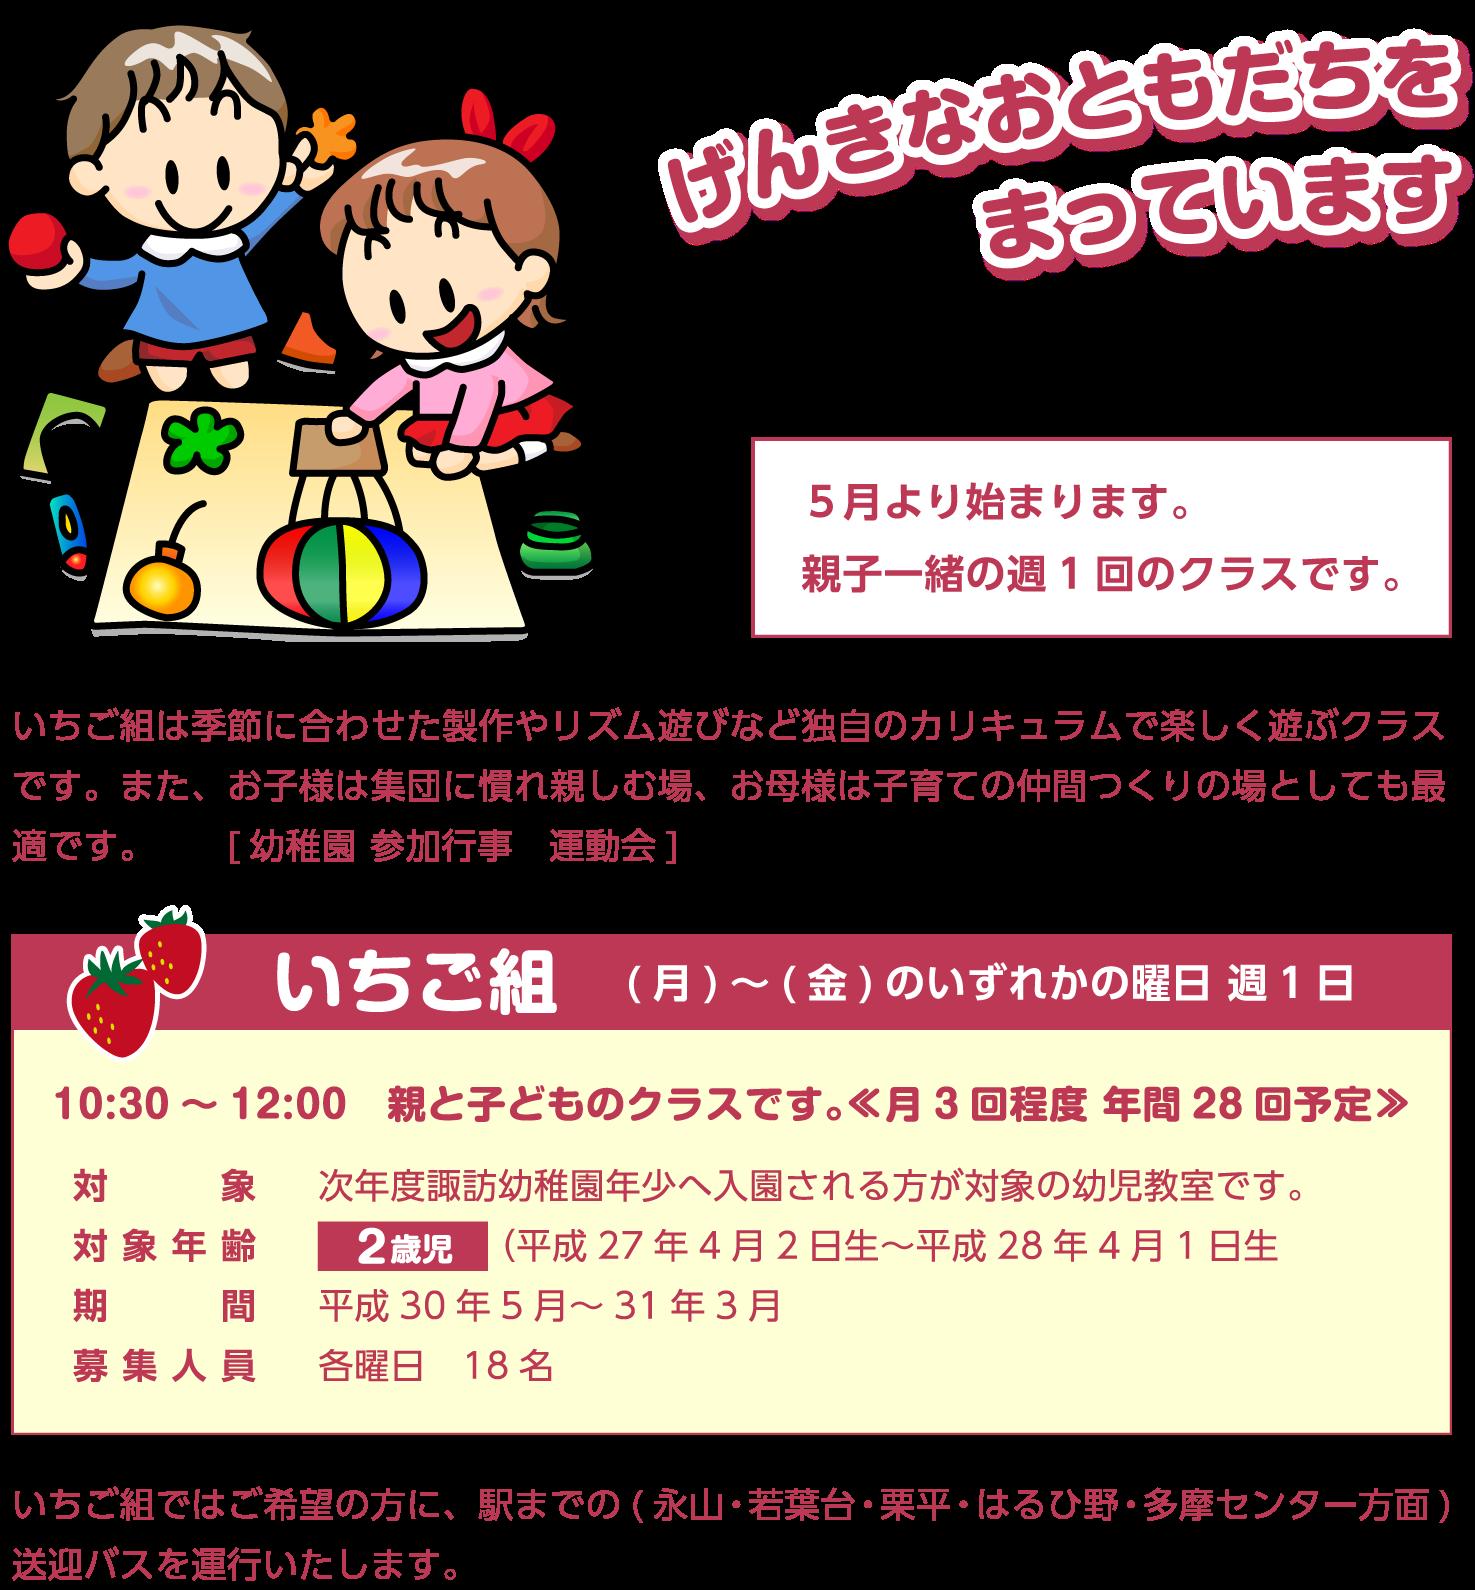 いちご組 - 諏訪幼稚園